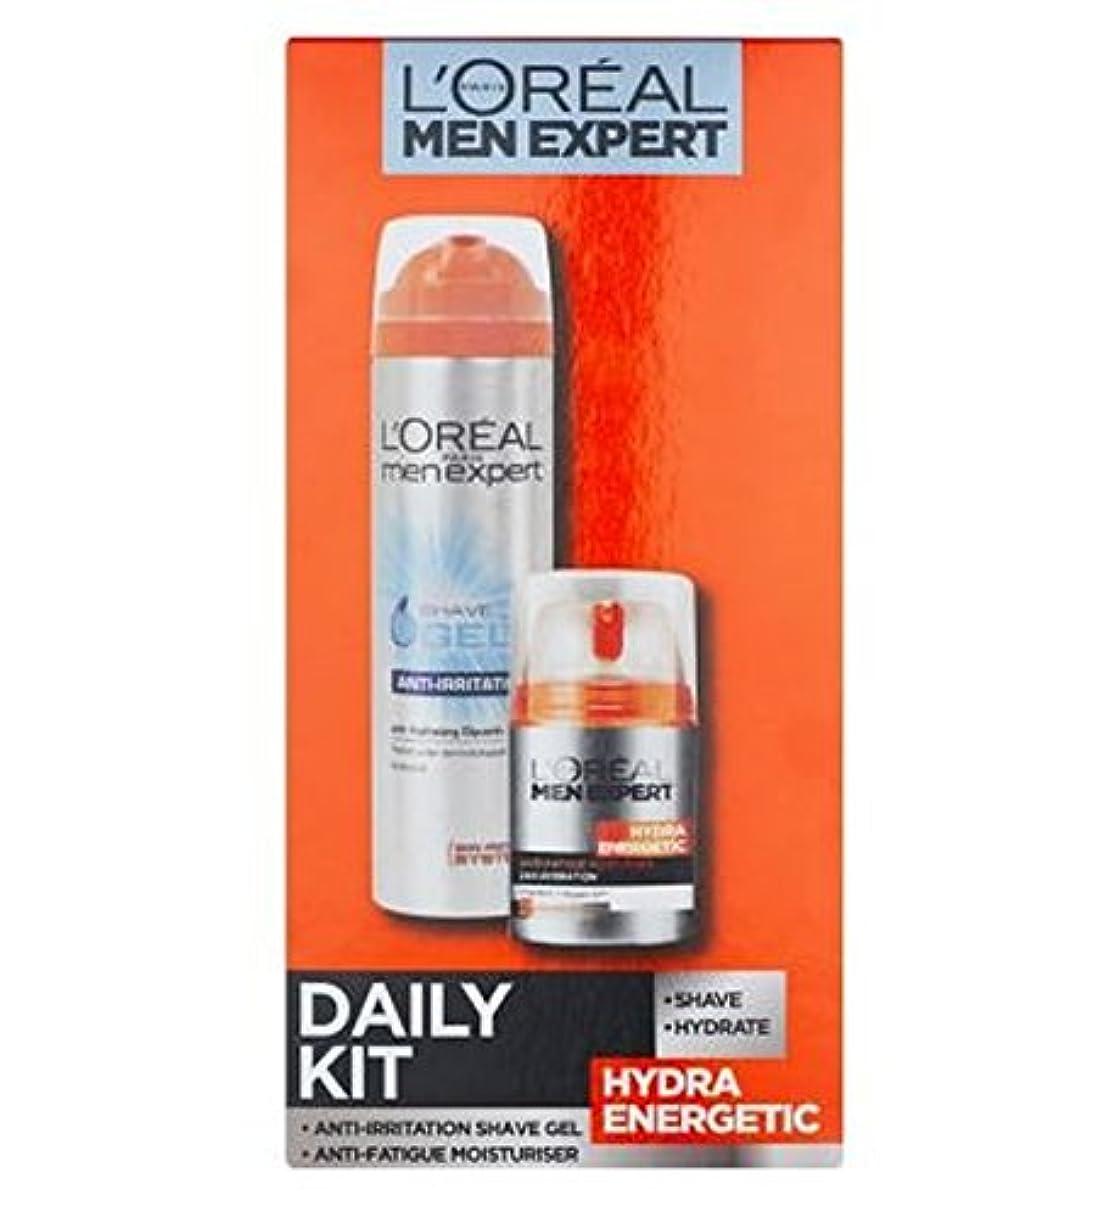 達成する古風な講師L'Oreal Men Expert Hydra Energetic Daily Skincare Kit - ロレアルの男性の専門家ヒドラエネルギッシュな毎日のスキンケアキット (L'Oreal) [並行輸入品]